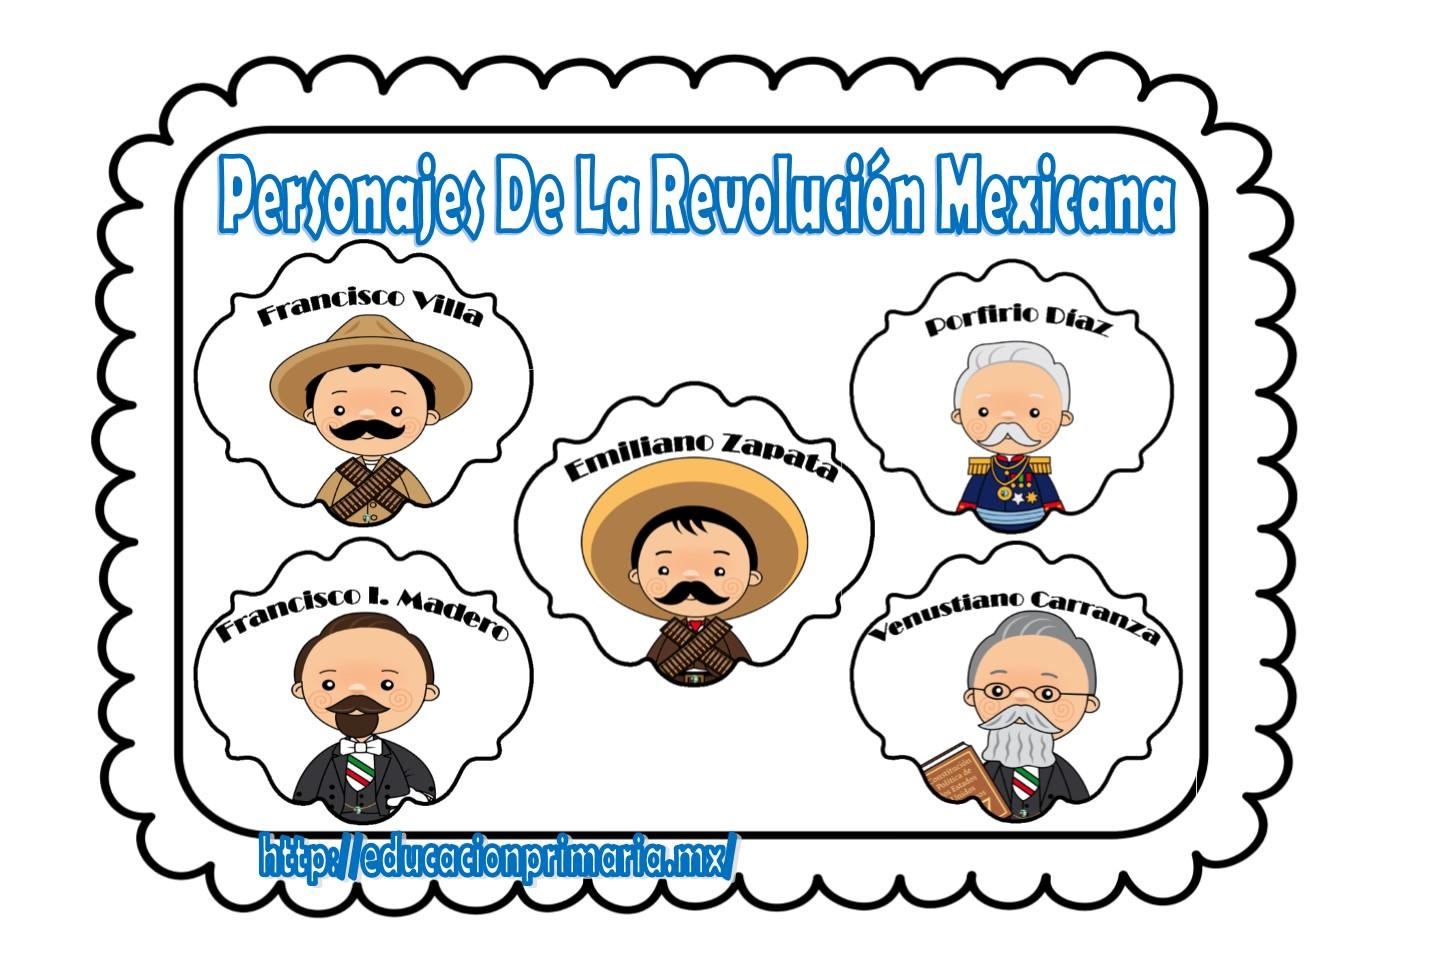 Personajes De La Revolucion Mexicana Educacion Primaria